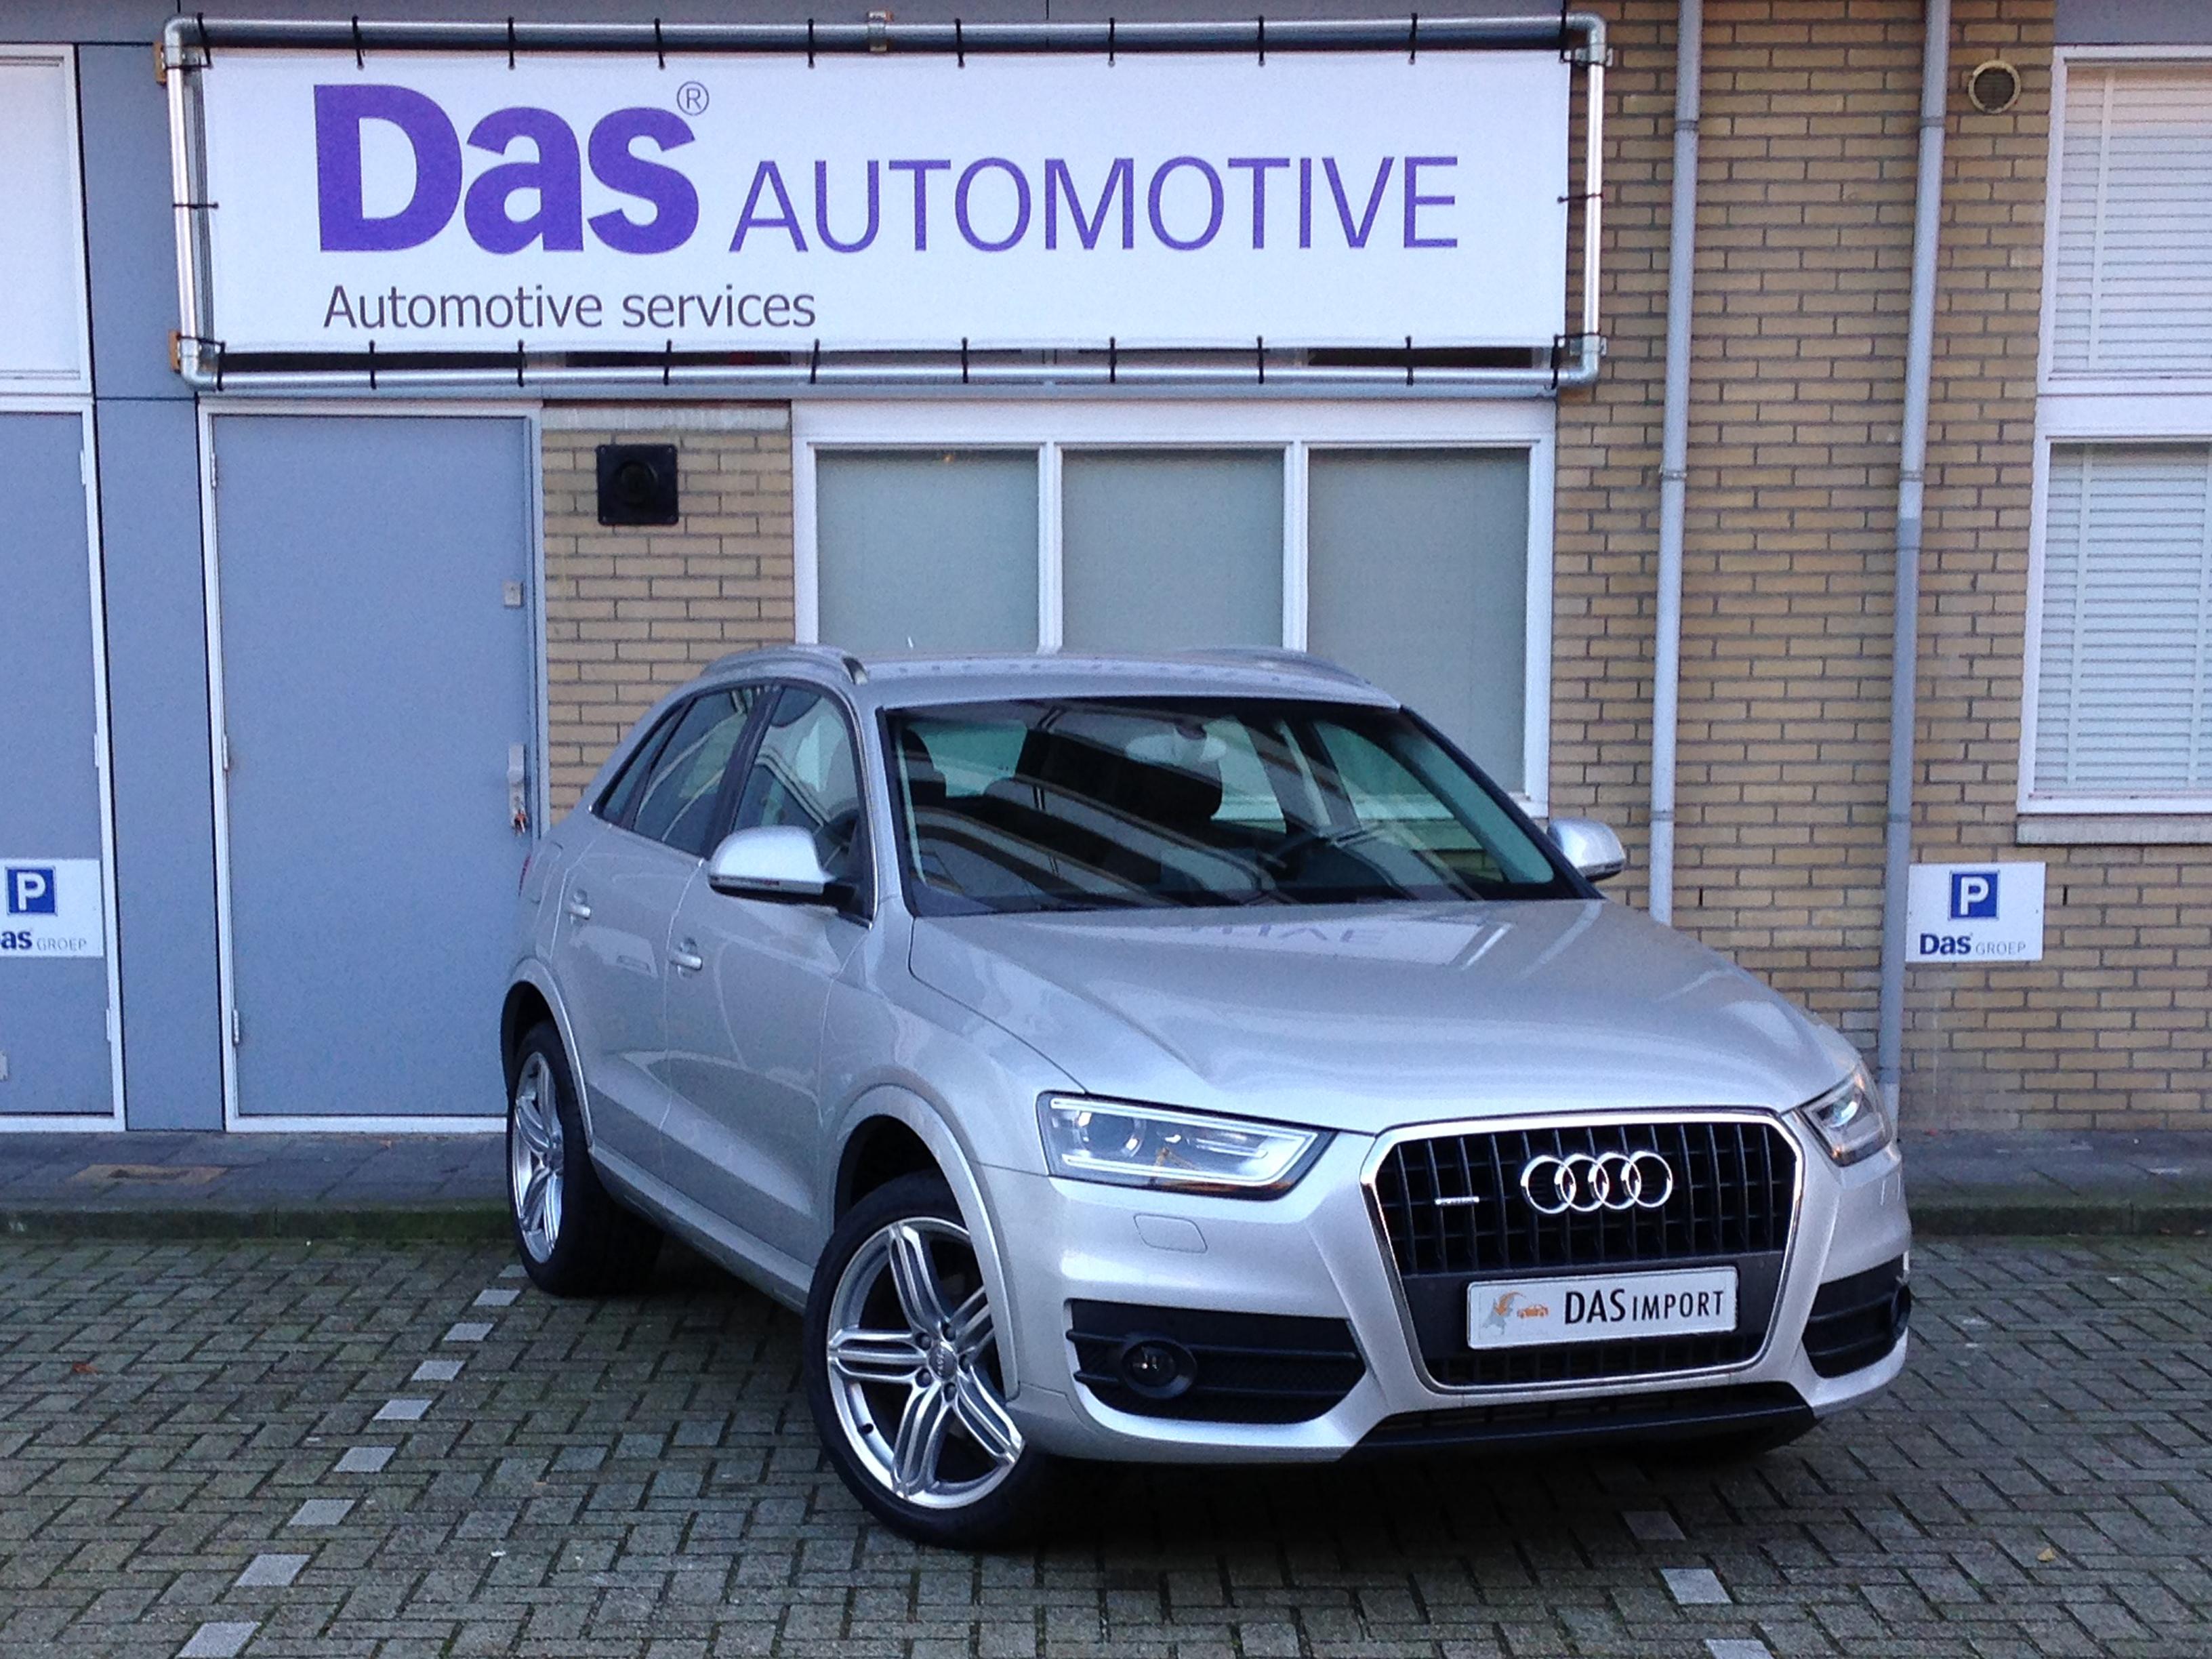 Importauto: Audi Q3 2.0 TFSI 211pk quattro Aut 10/2013